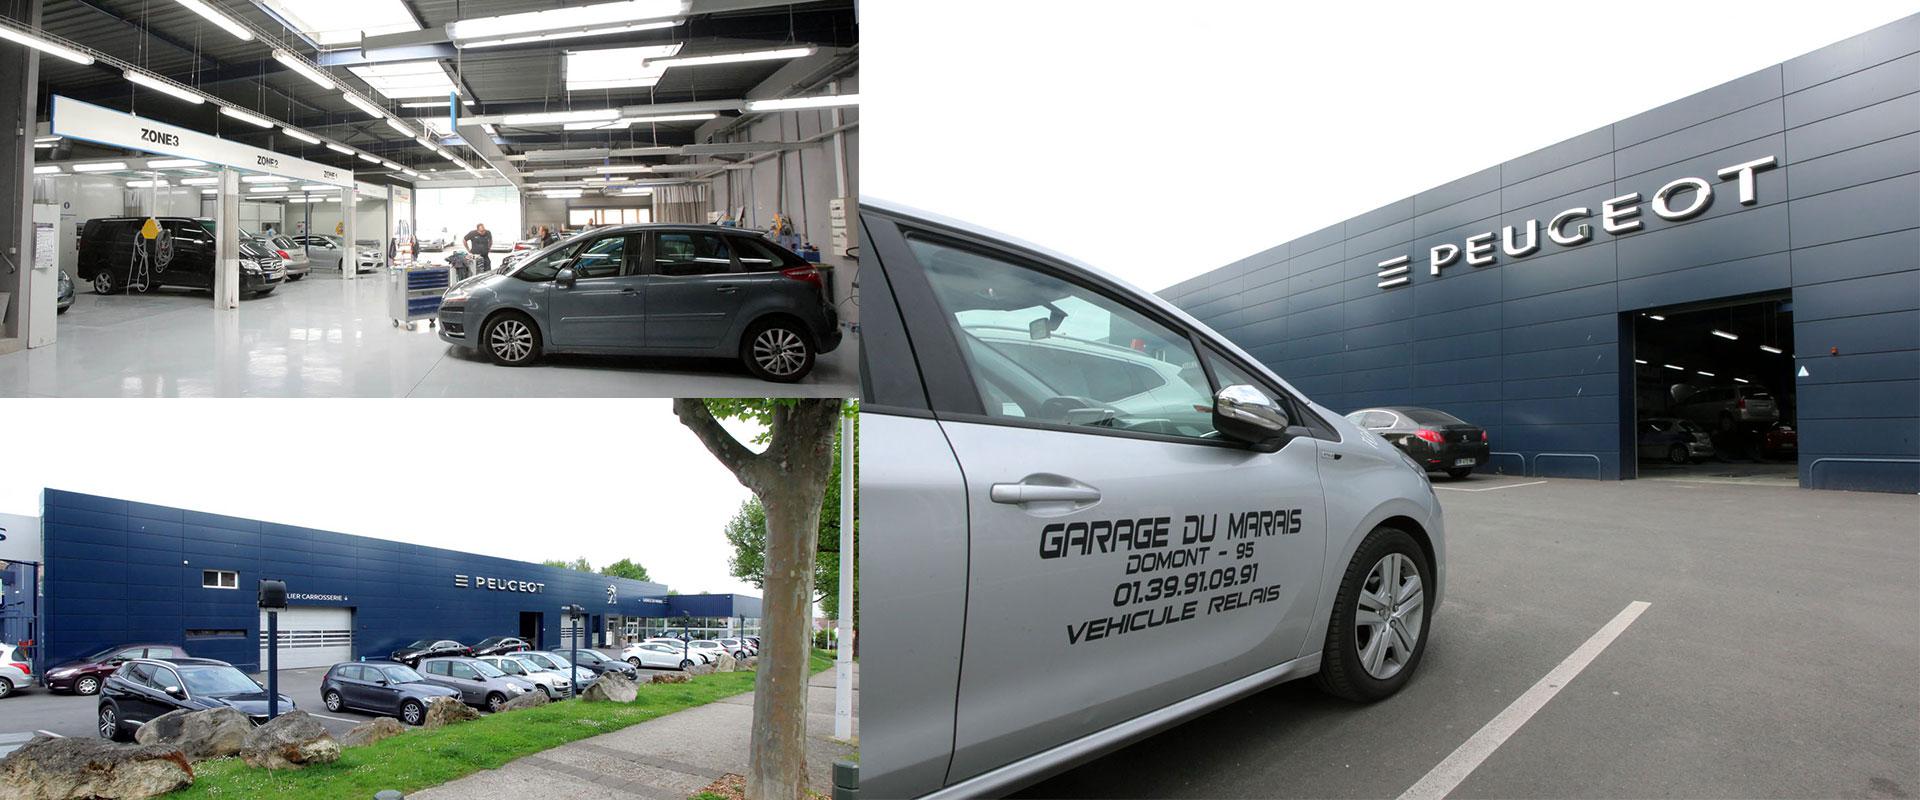 Garage du marais garage automobile domont dans le val d for Garage automobile le cannet